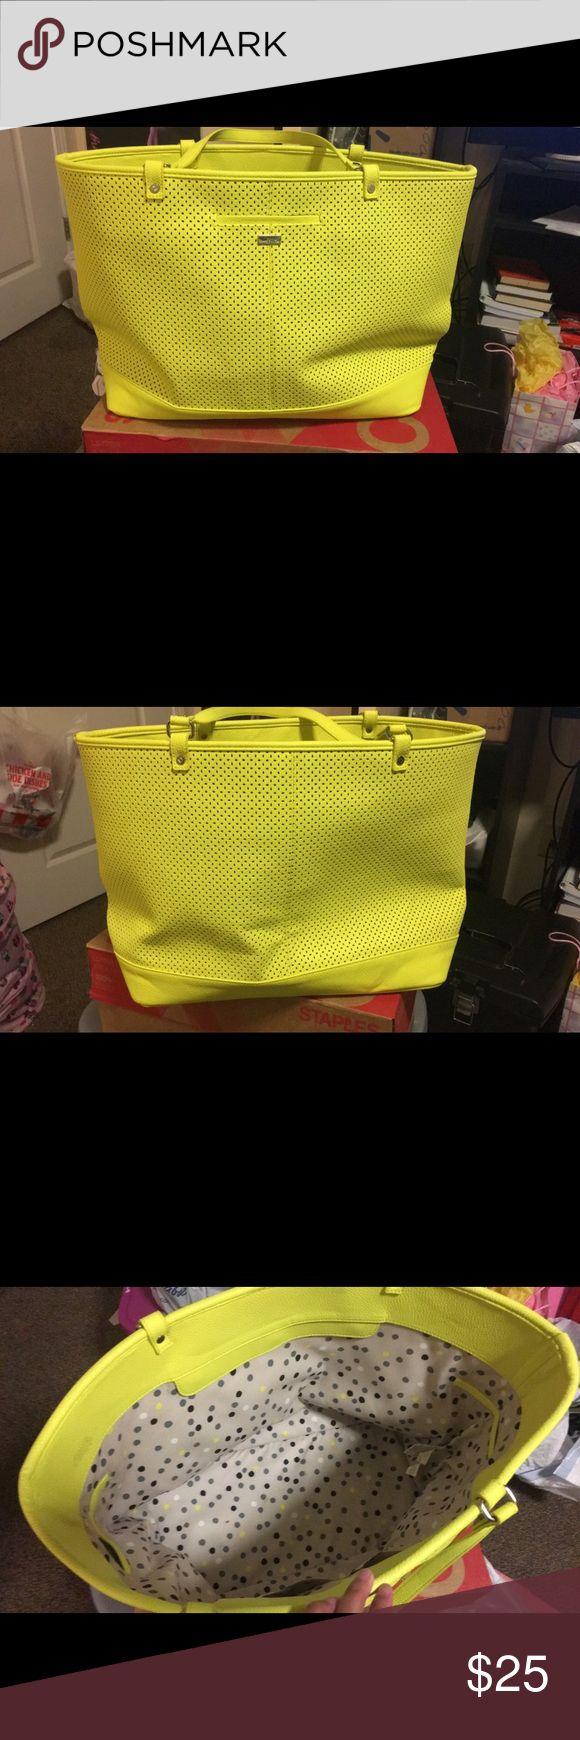 Large yellow tote bag Large yellow tote bag Bags Totes